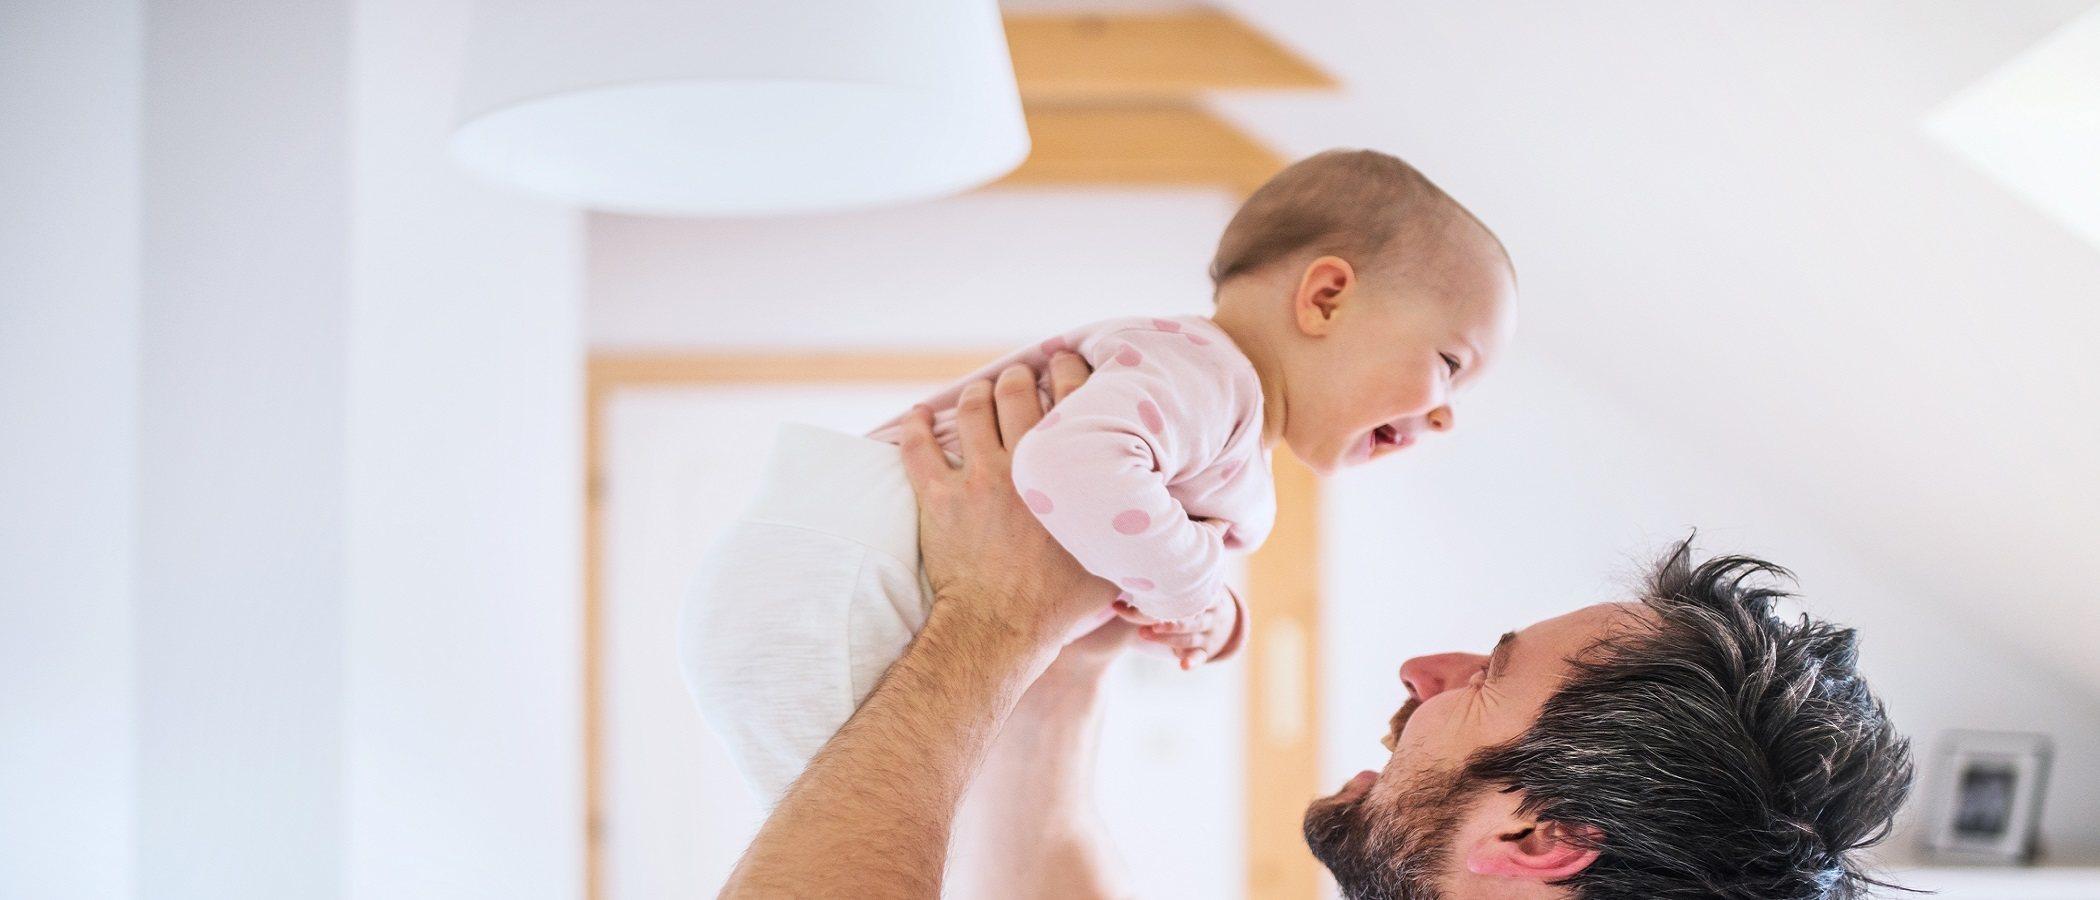 Cómo afecta a la pareja la llegada de un bebé